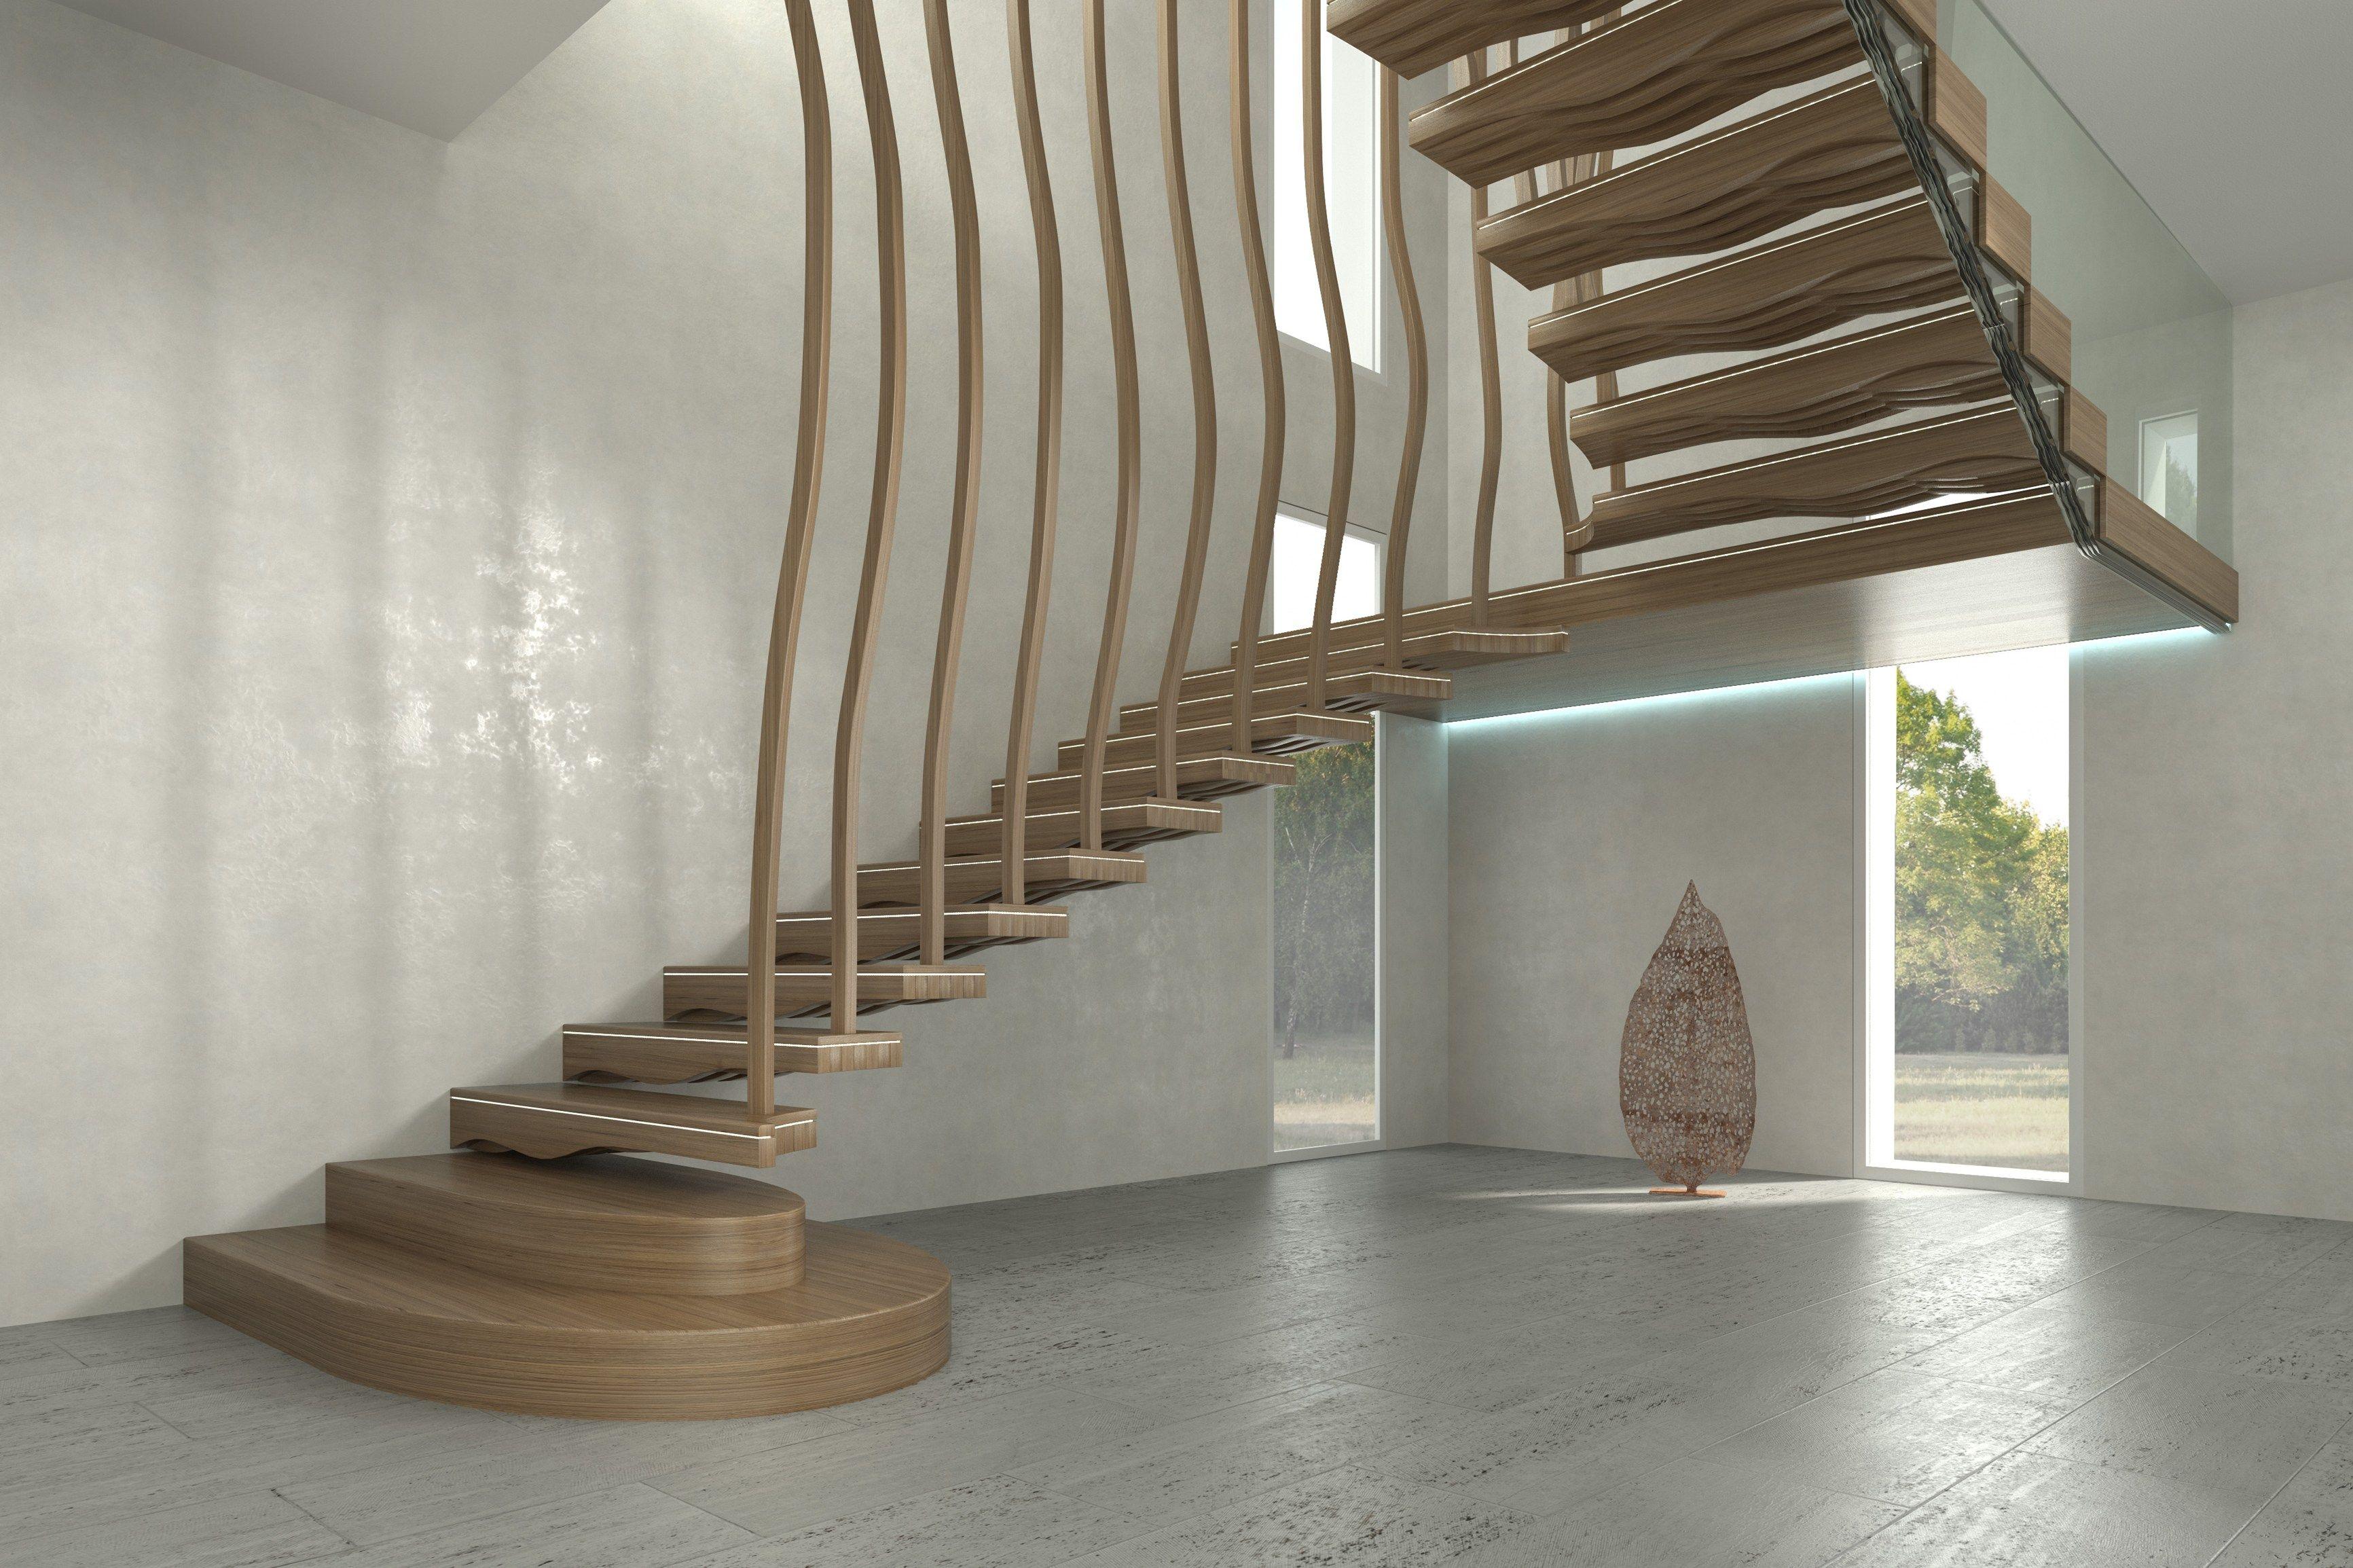 escalera volada de madera maciza wave by siller treppen diseo siller stairs - Escaleras Voladas